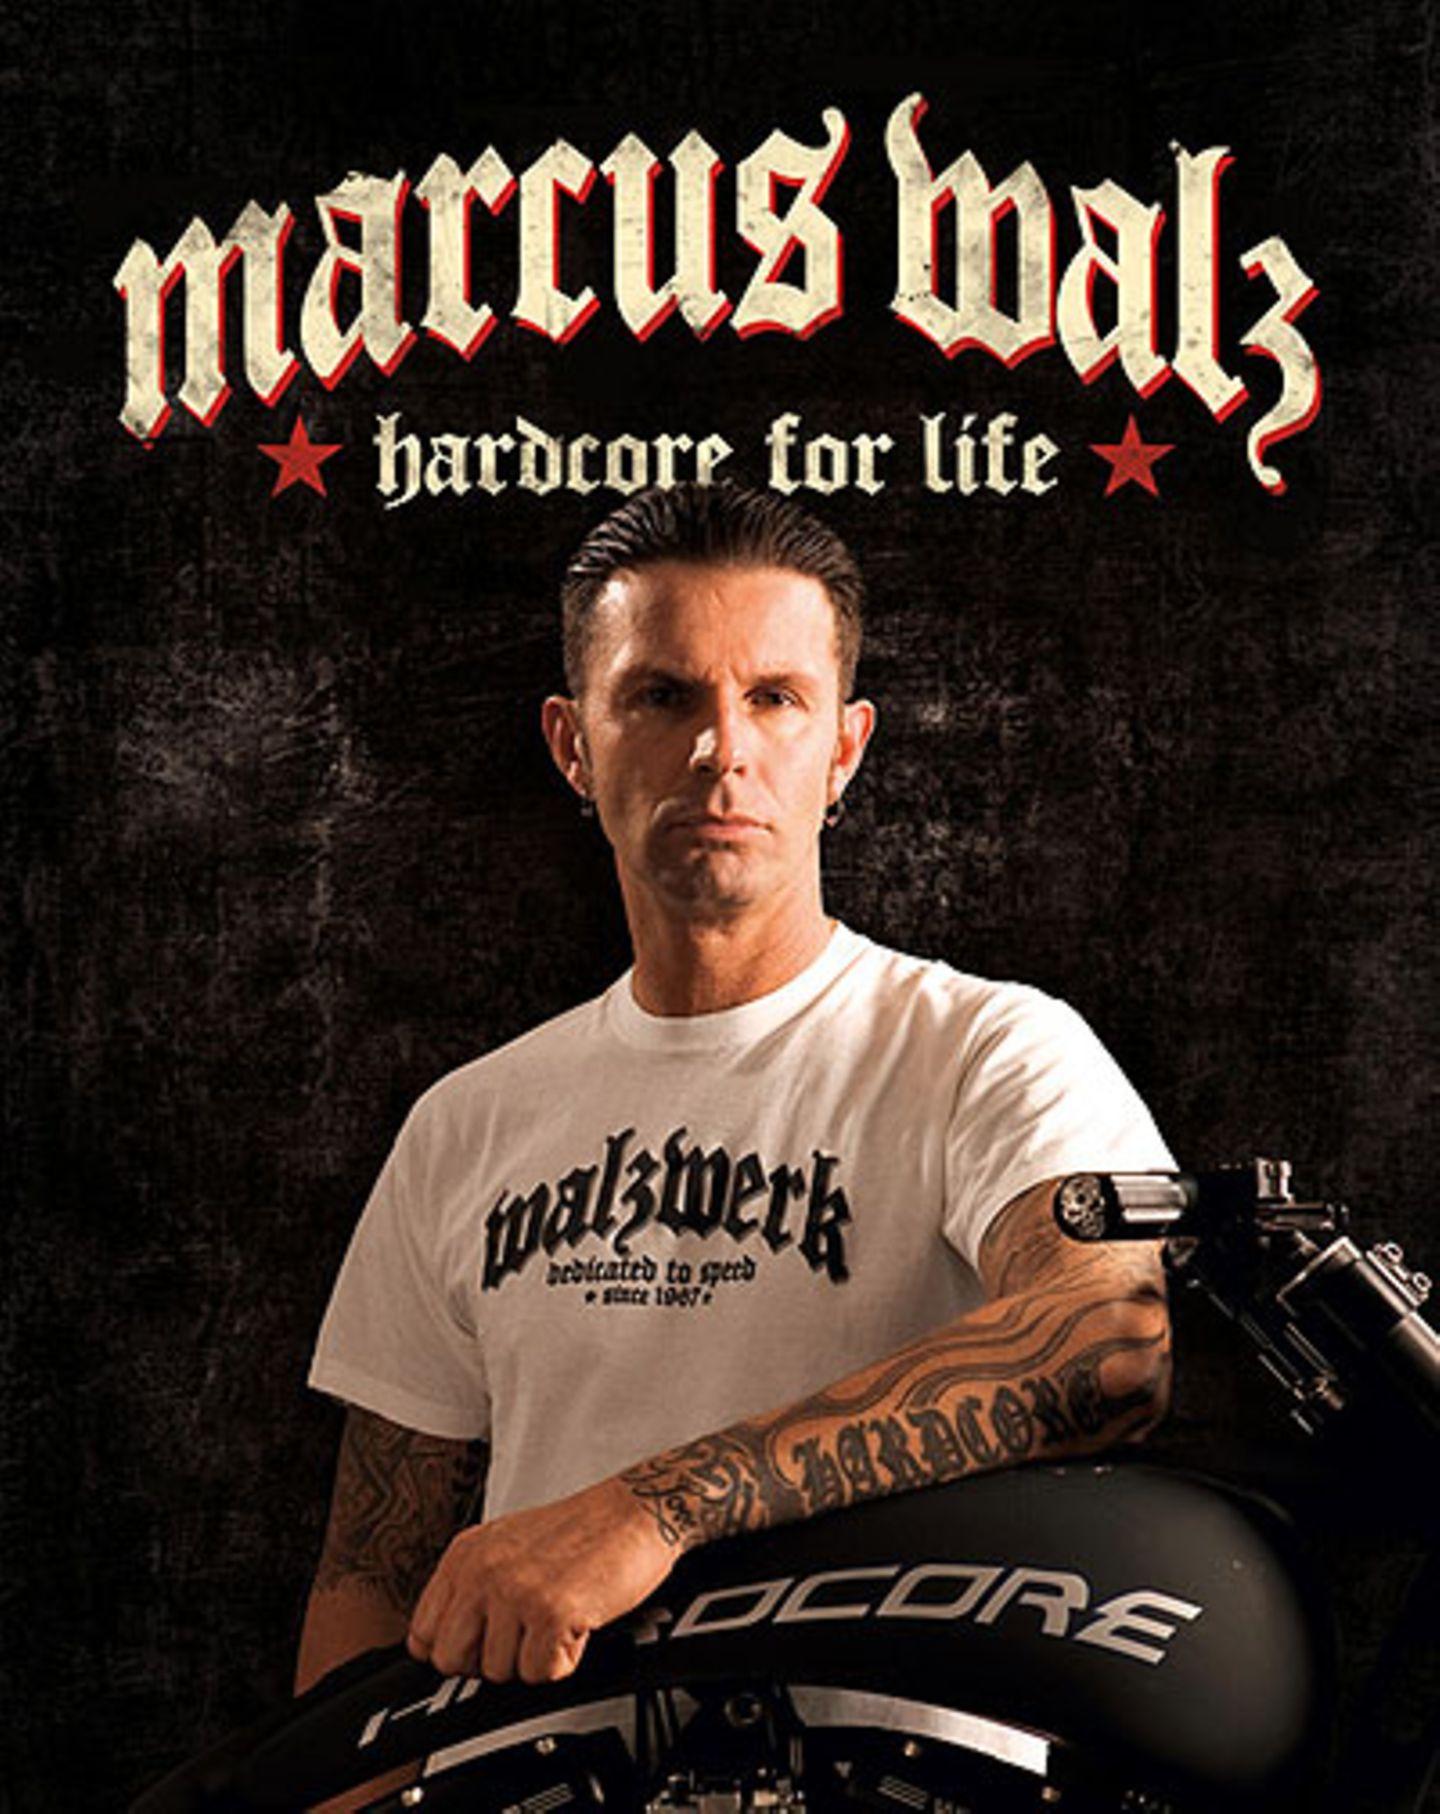 """Mehr Hardcore geht nicht: Marcus Walz, Inhaber und genialer Schrauber von """"Walz Hardcore Cycles"""" und sein aktuelles Baby: Sein Buch über Leben und Lebenswerk. Das Walzwerk"""